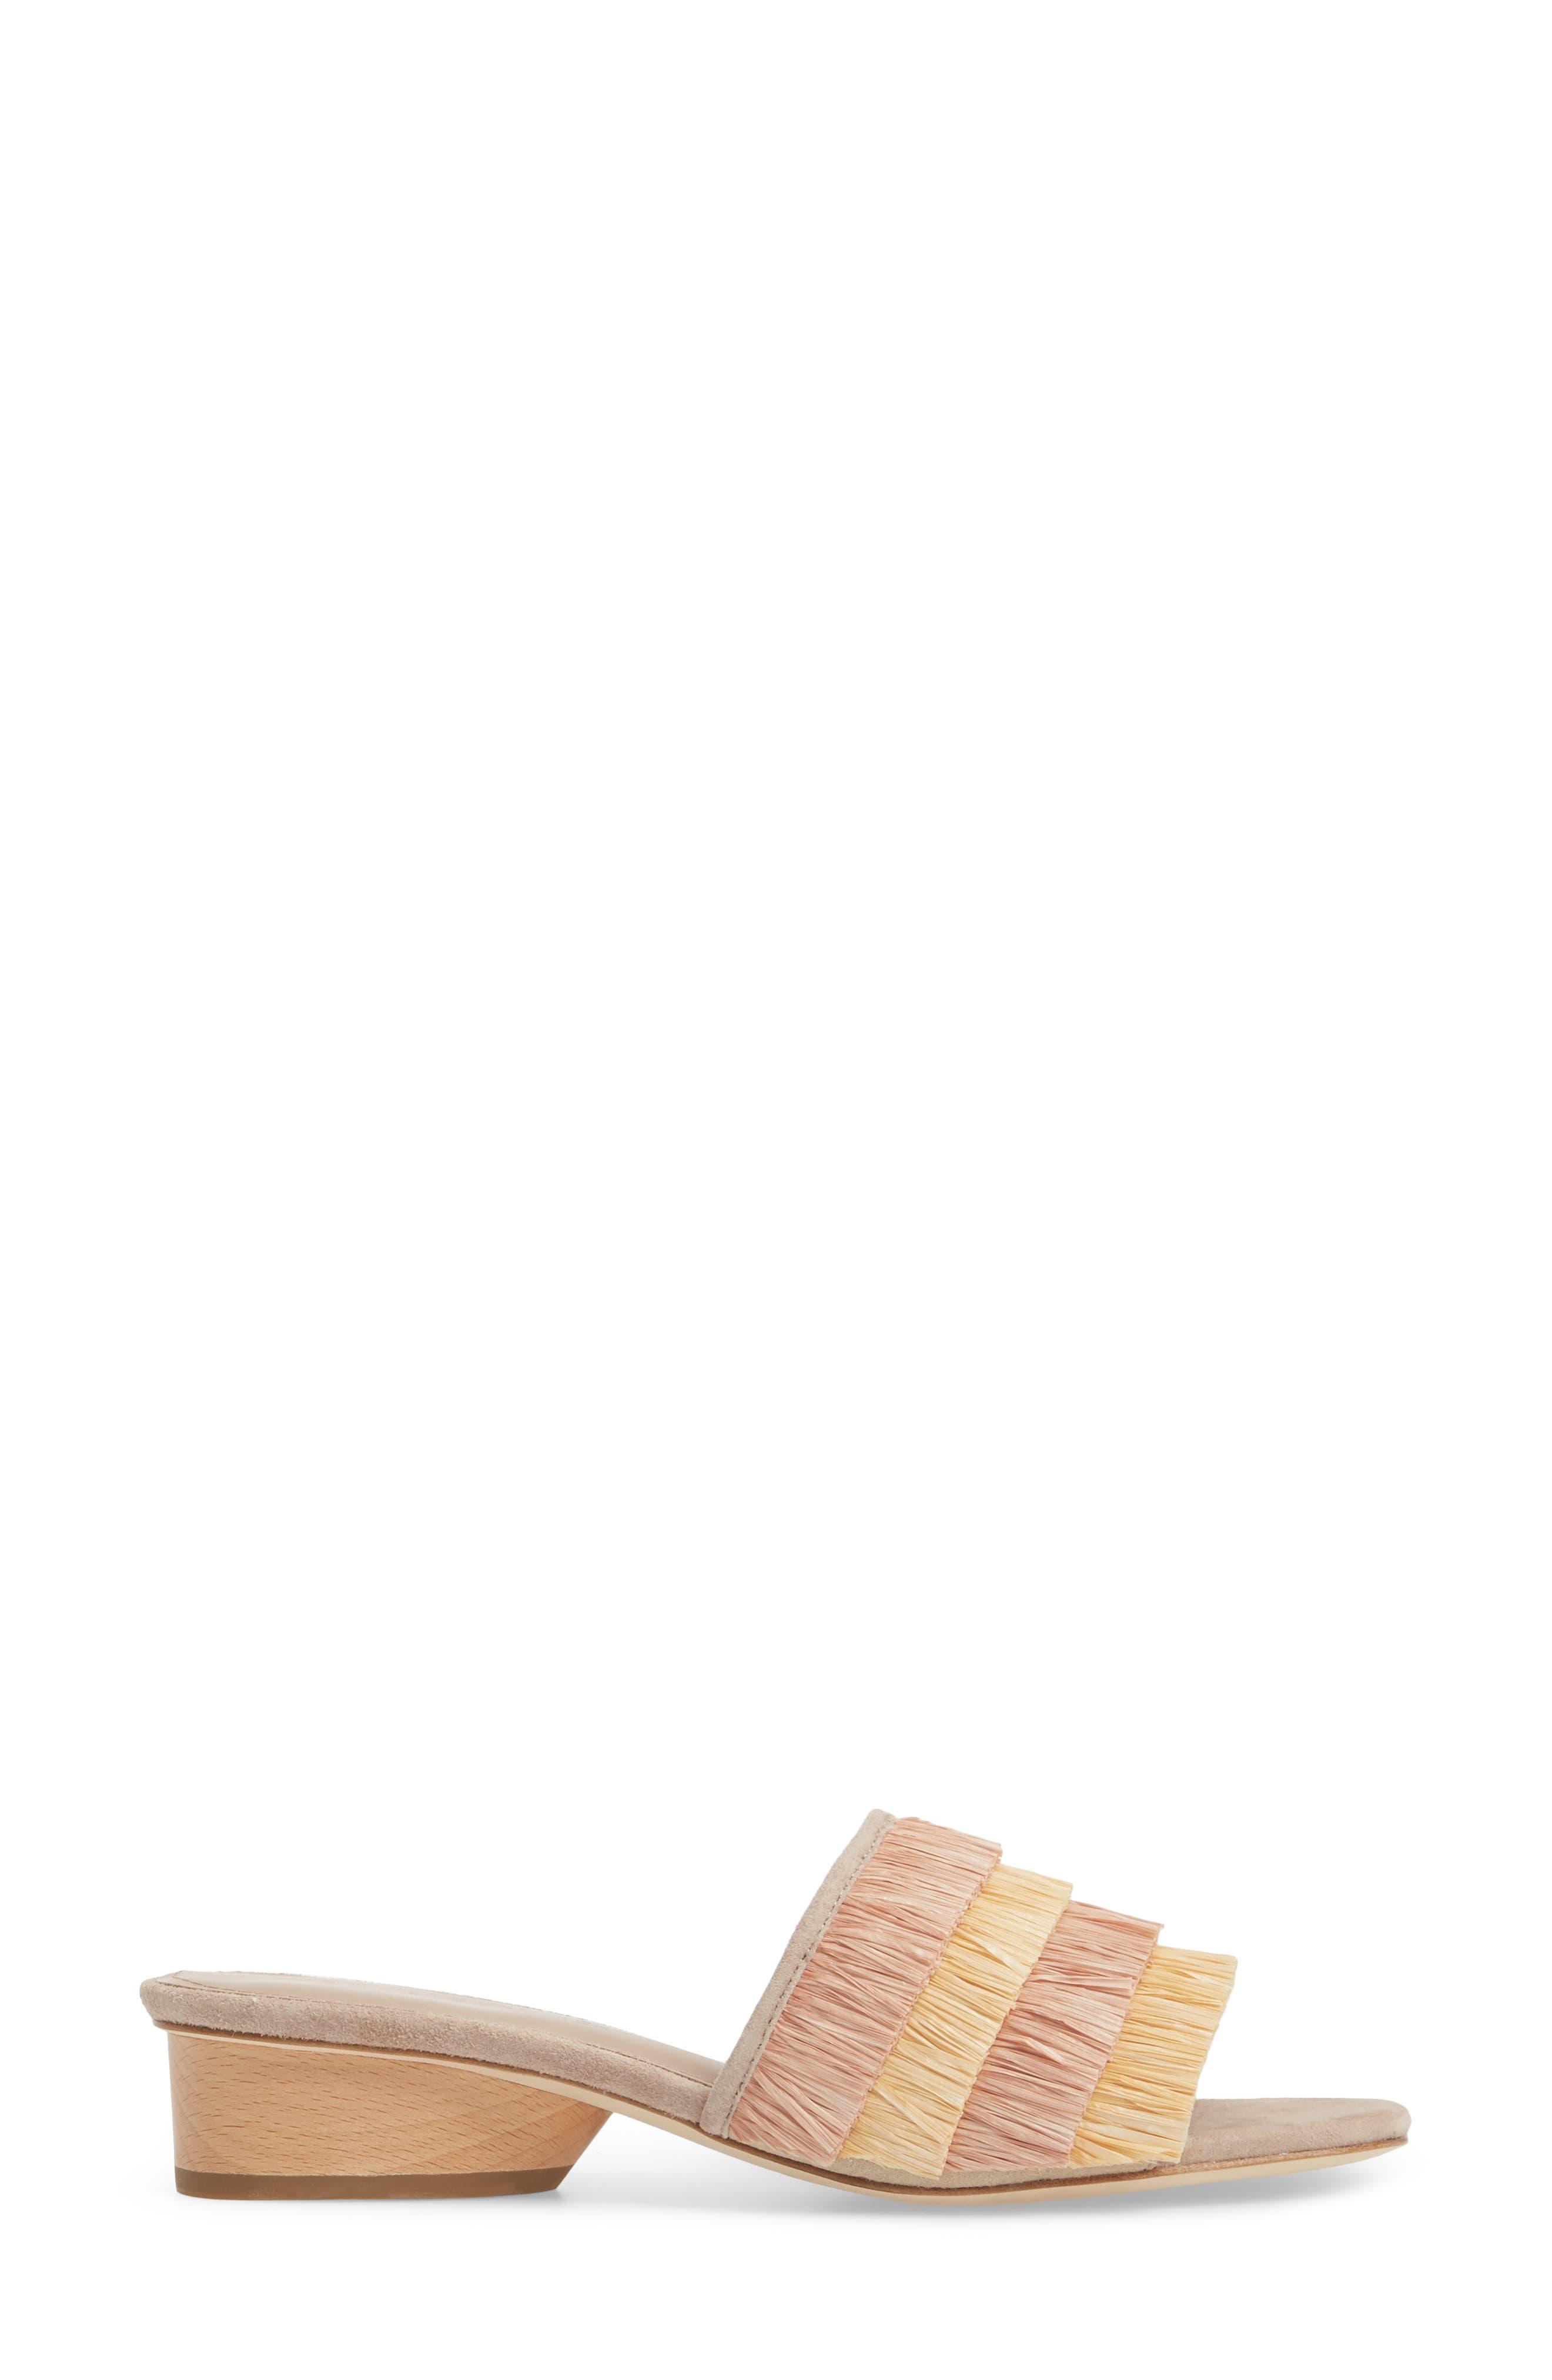 Reise Slide Sandal,                             Alternate thumbnail 6, color,